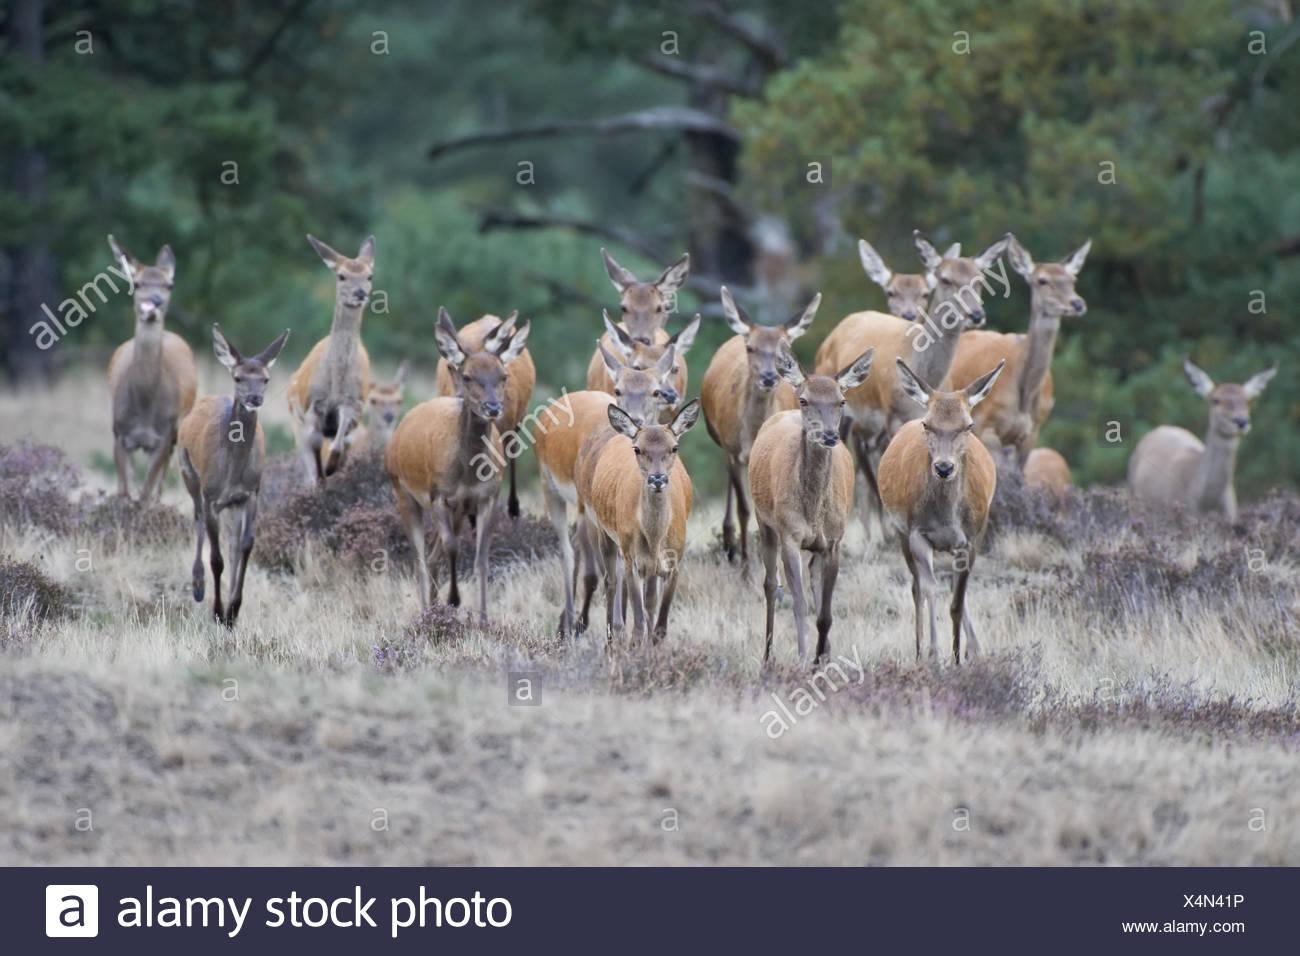 herds of deer Stock Photo